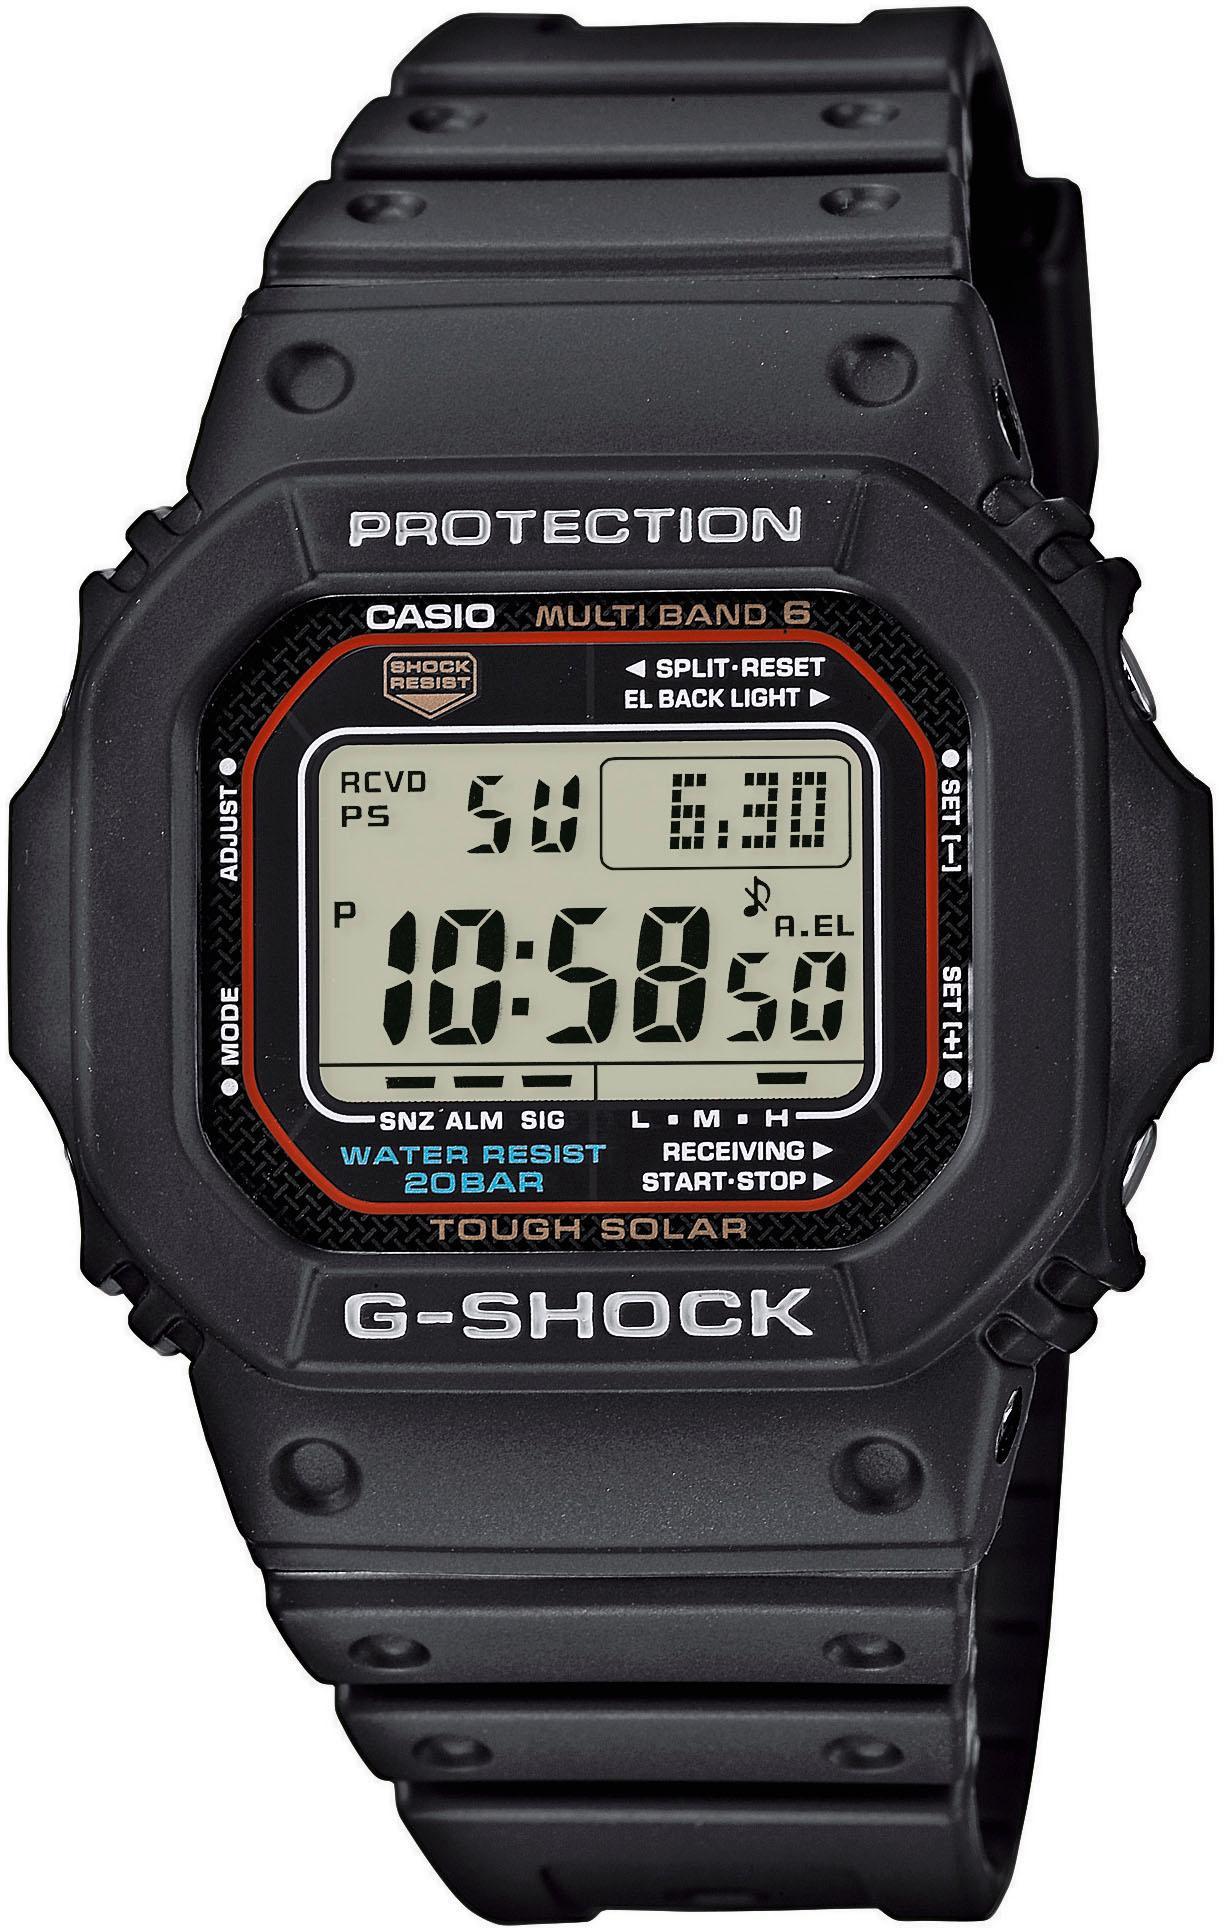 CASIO G-SHOCK Funk-Multifunktionsuhr GW-M5610-1ER   Uhren   Schwarz   Casio G-Shock